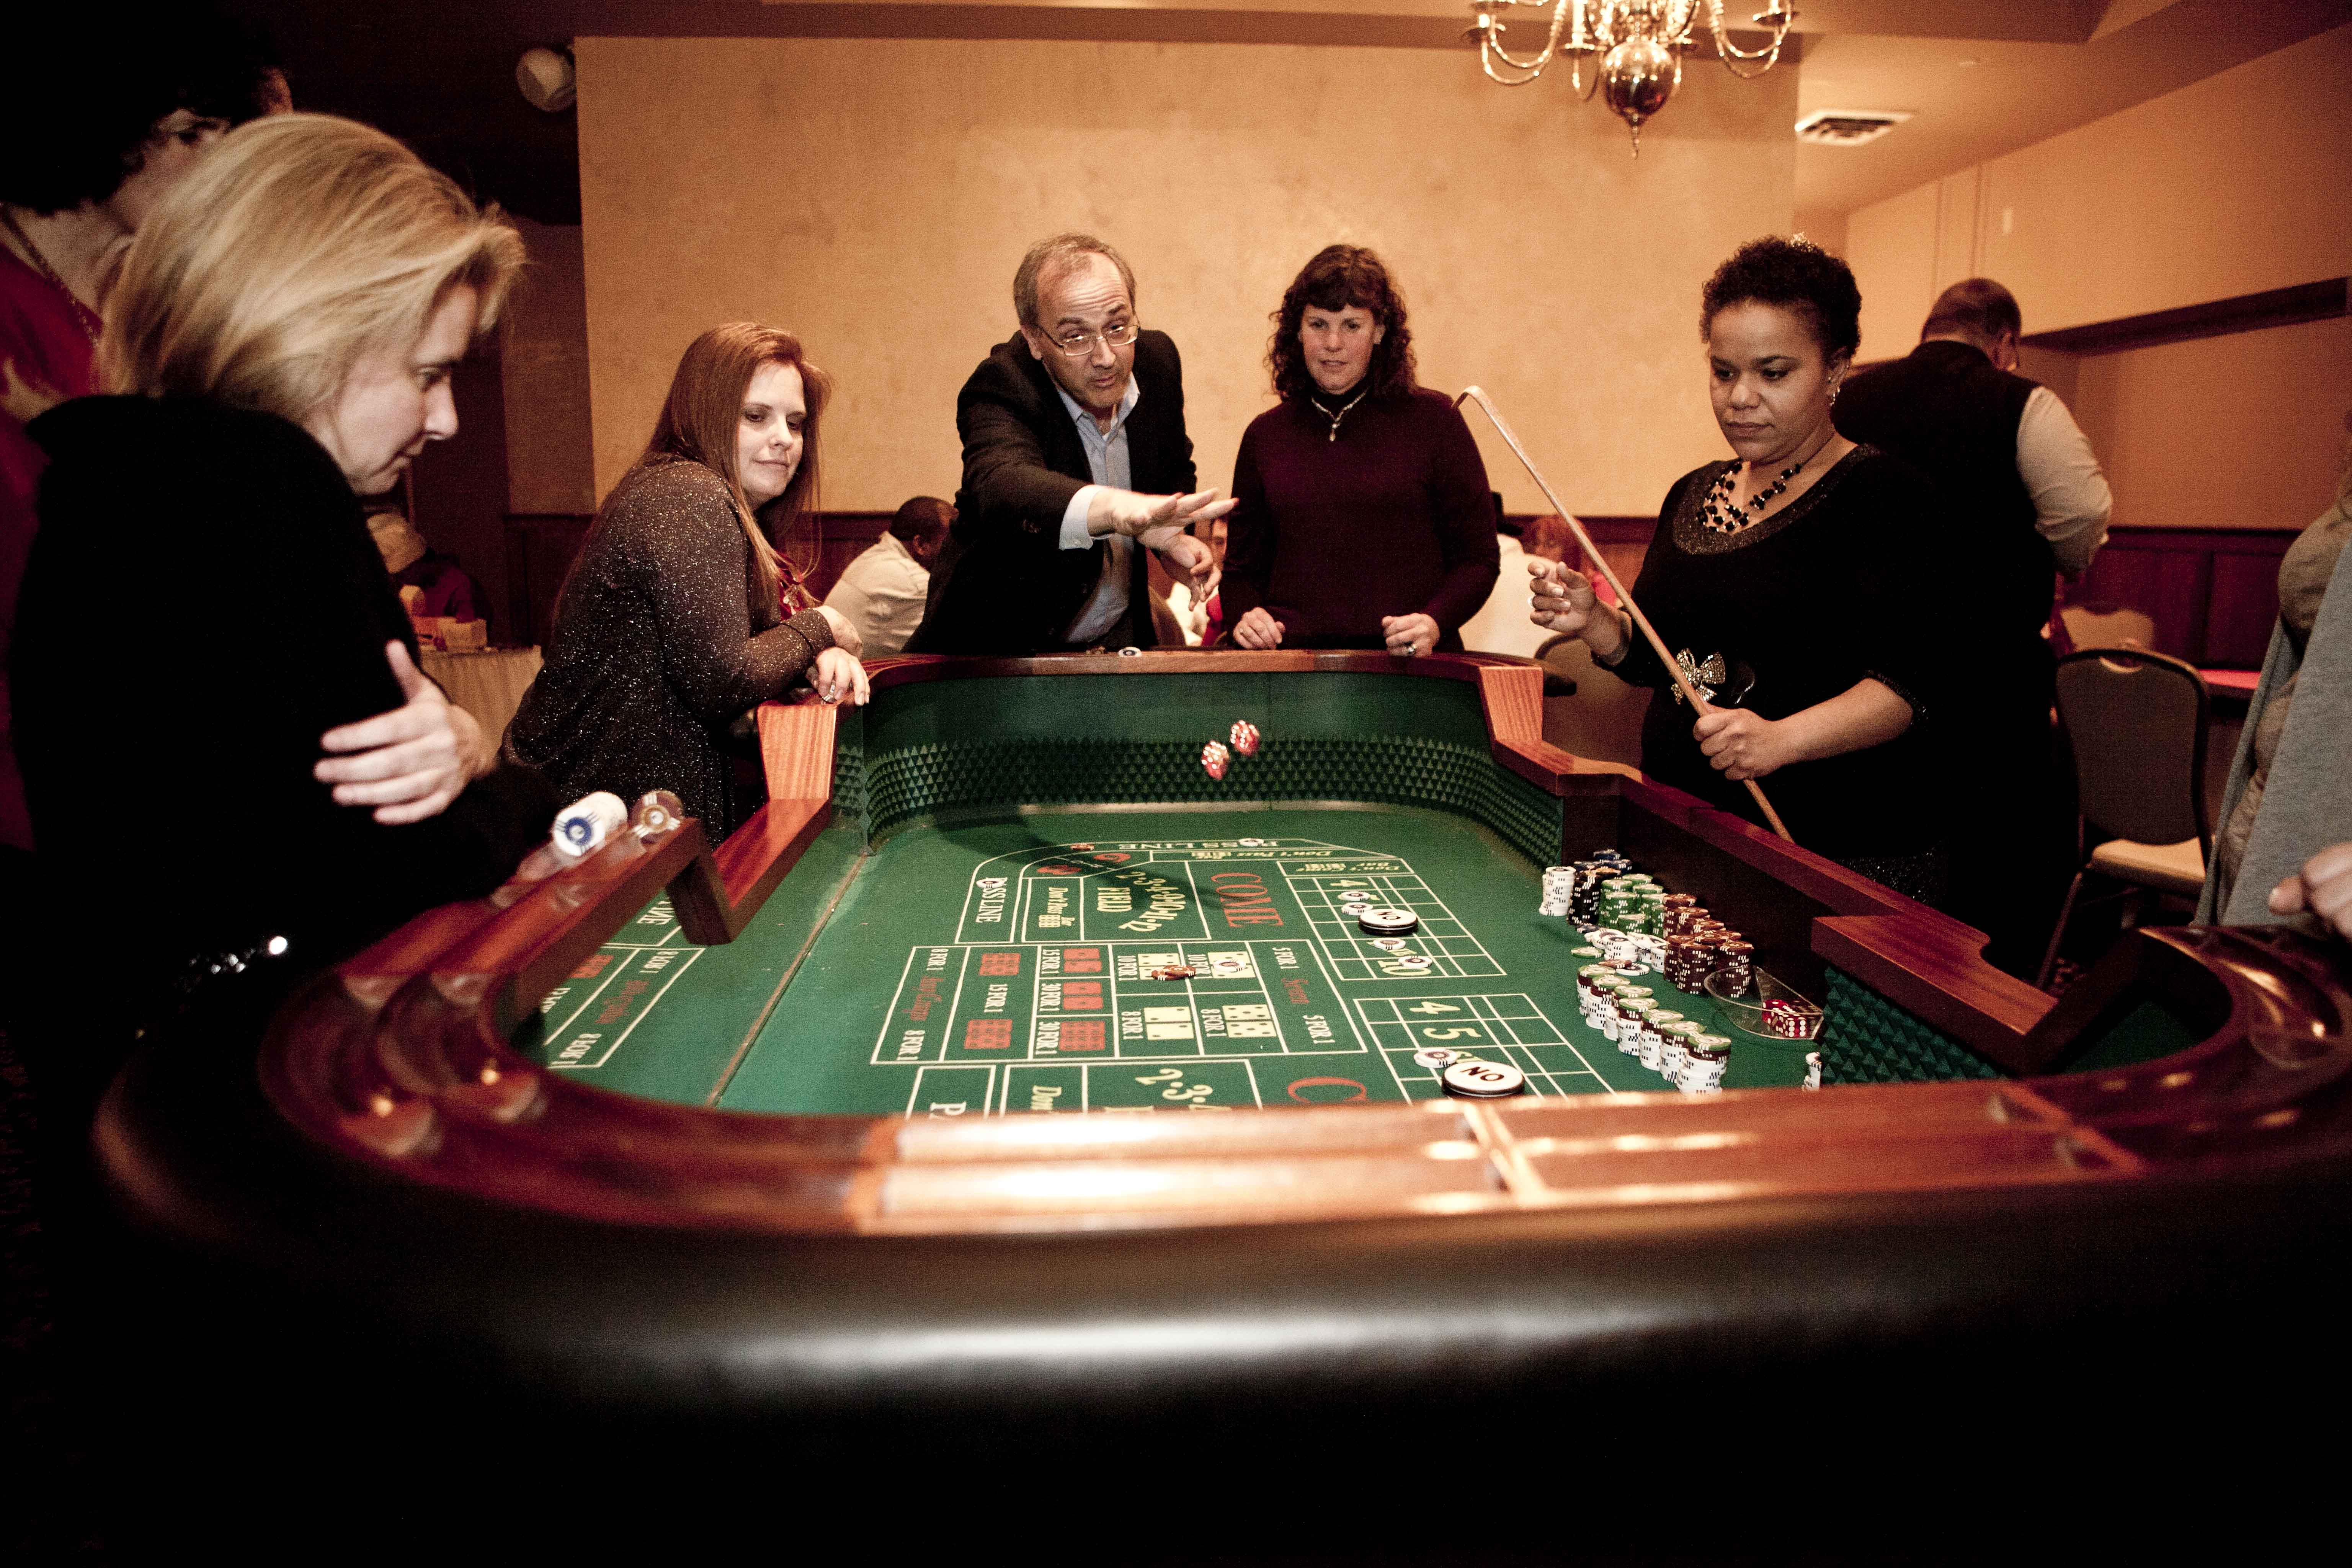 Craps_Casino Game_Throw